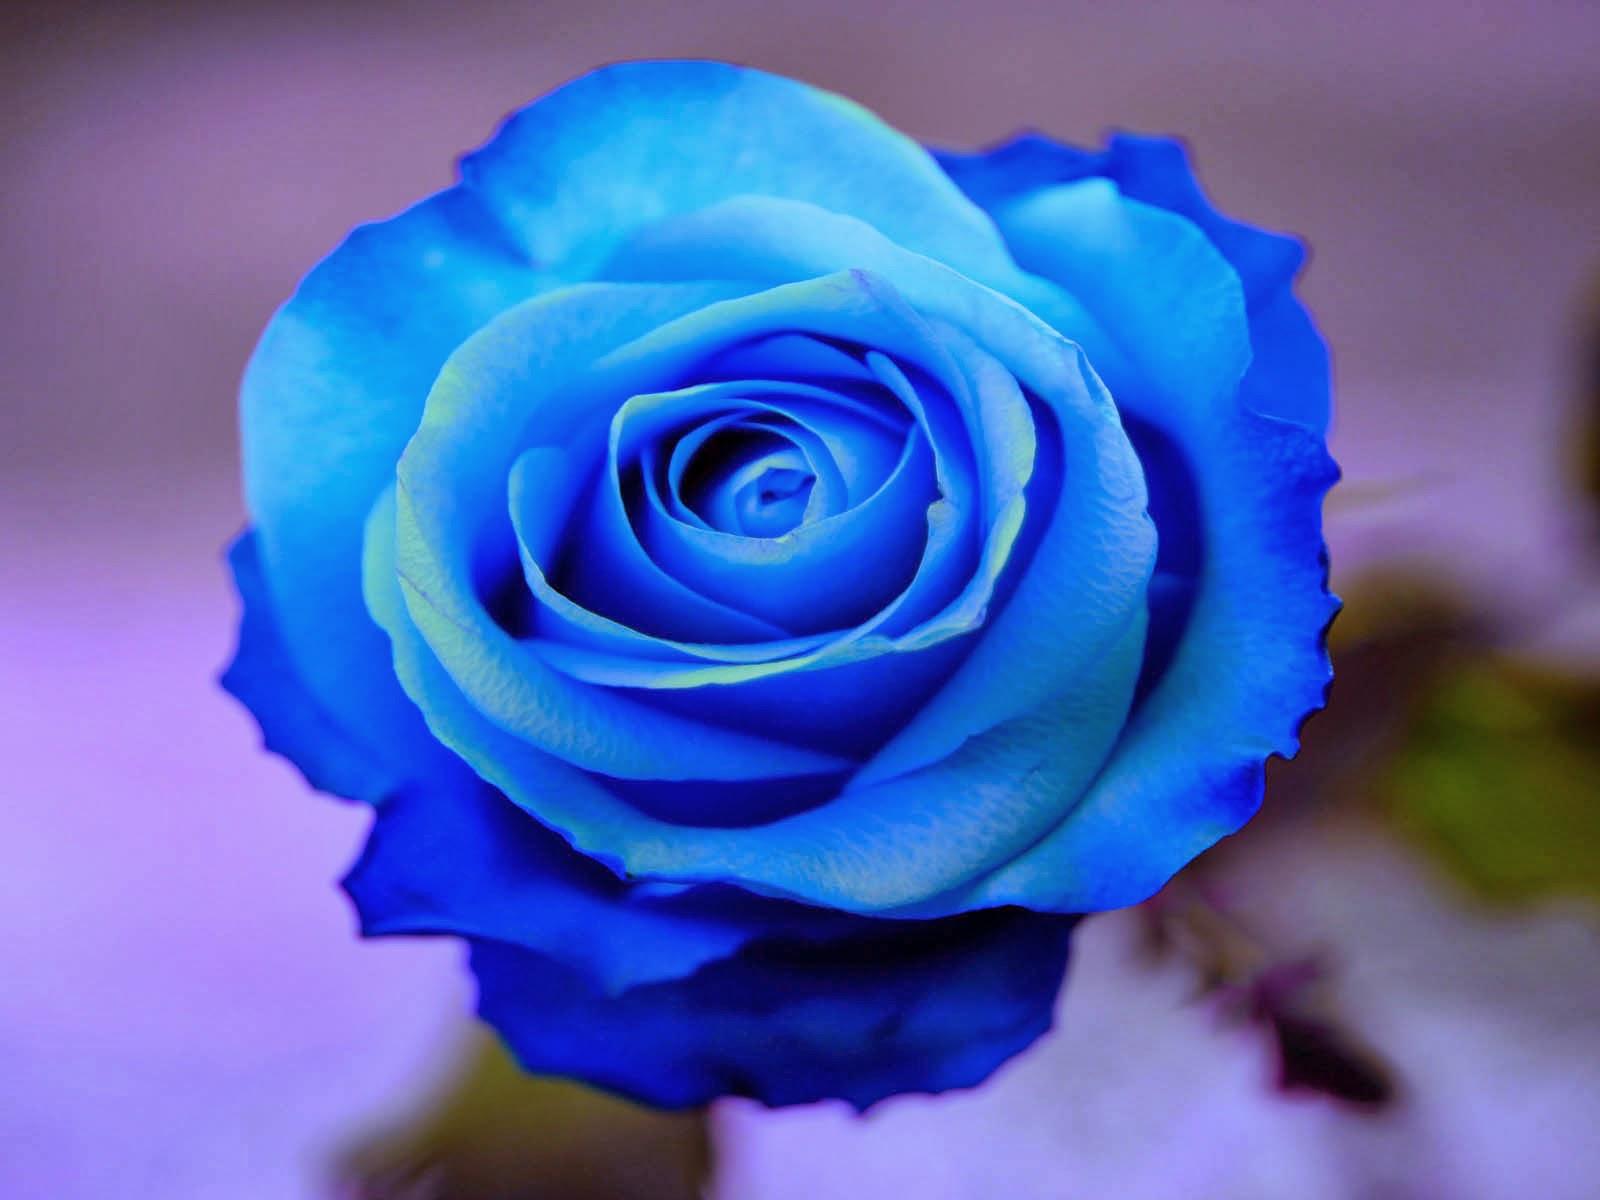 mawar biru indah